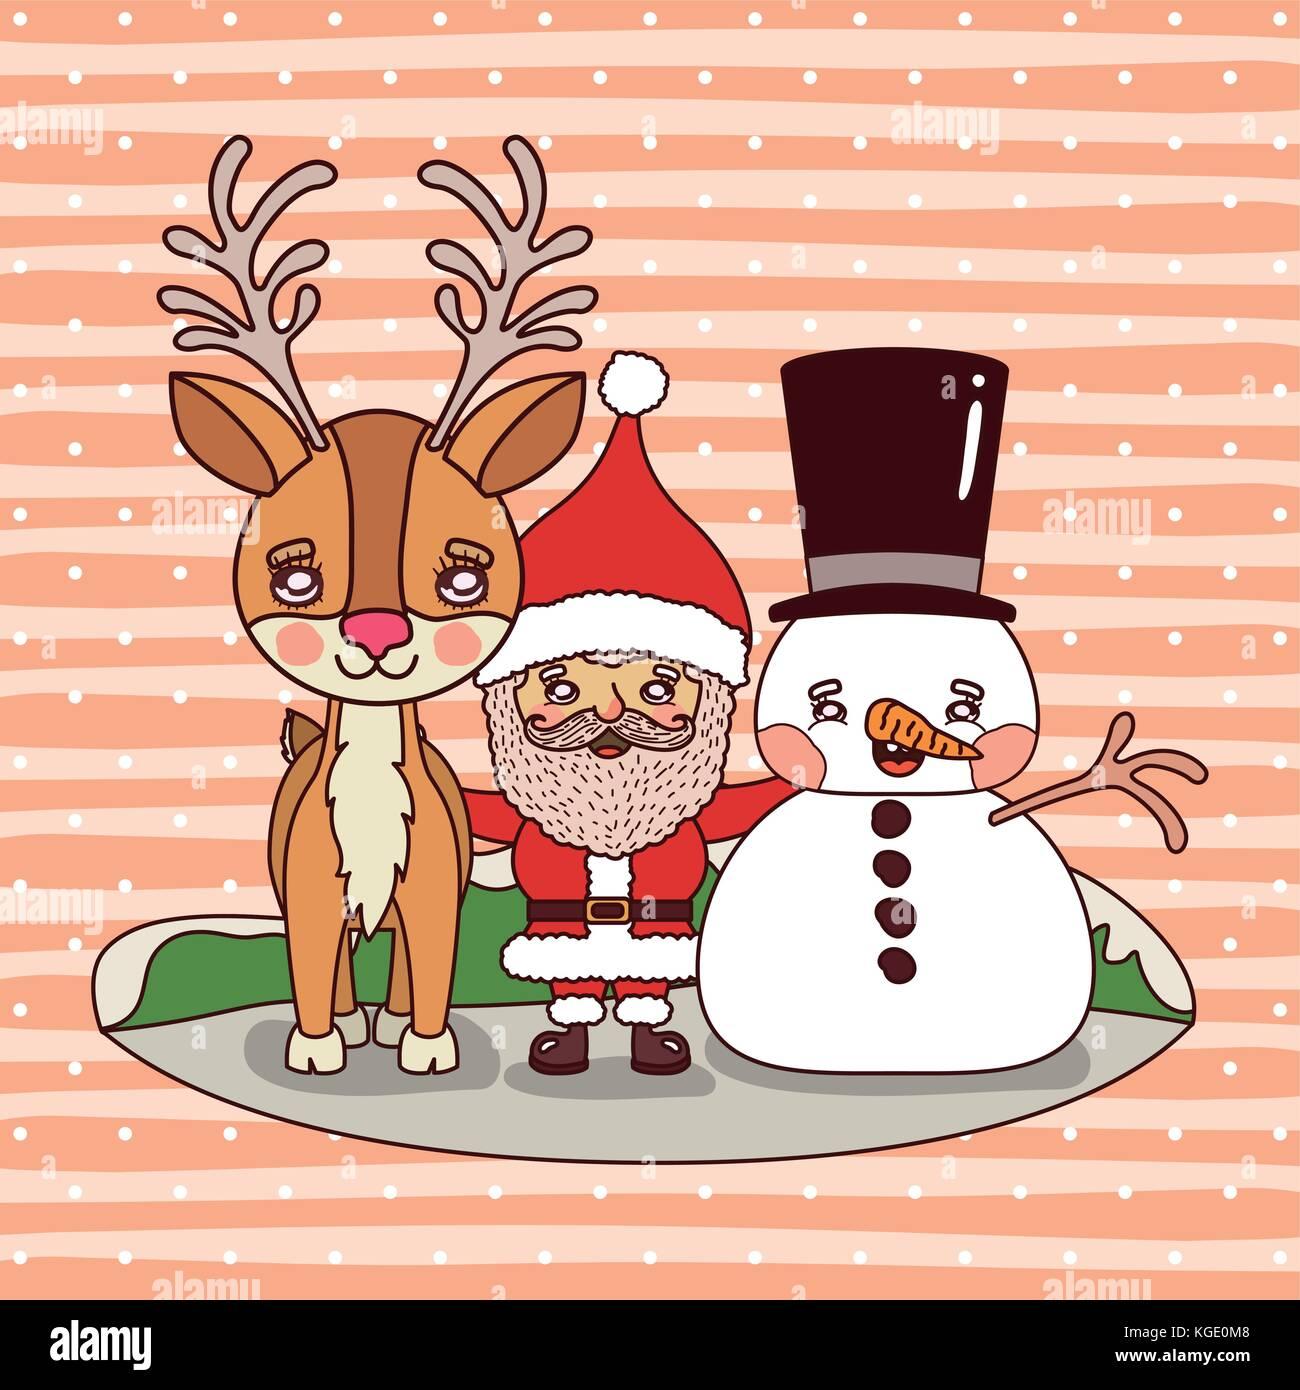 Babbo Natale Con Le Renne.Scheda Di Natale Con Le Renne Di Babbo Natale E Il Pupazzo Di Neve